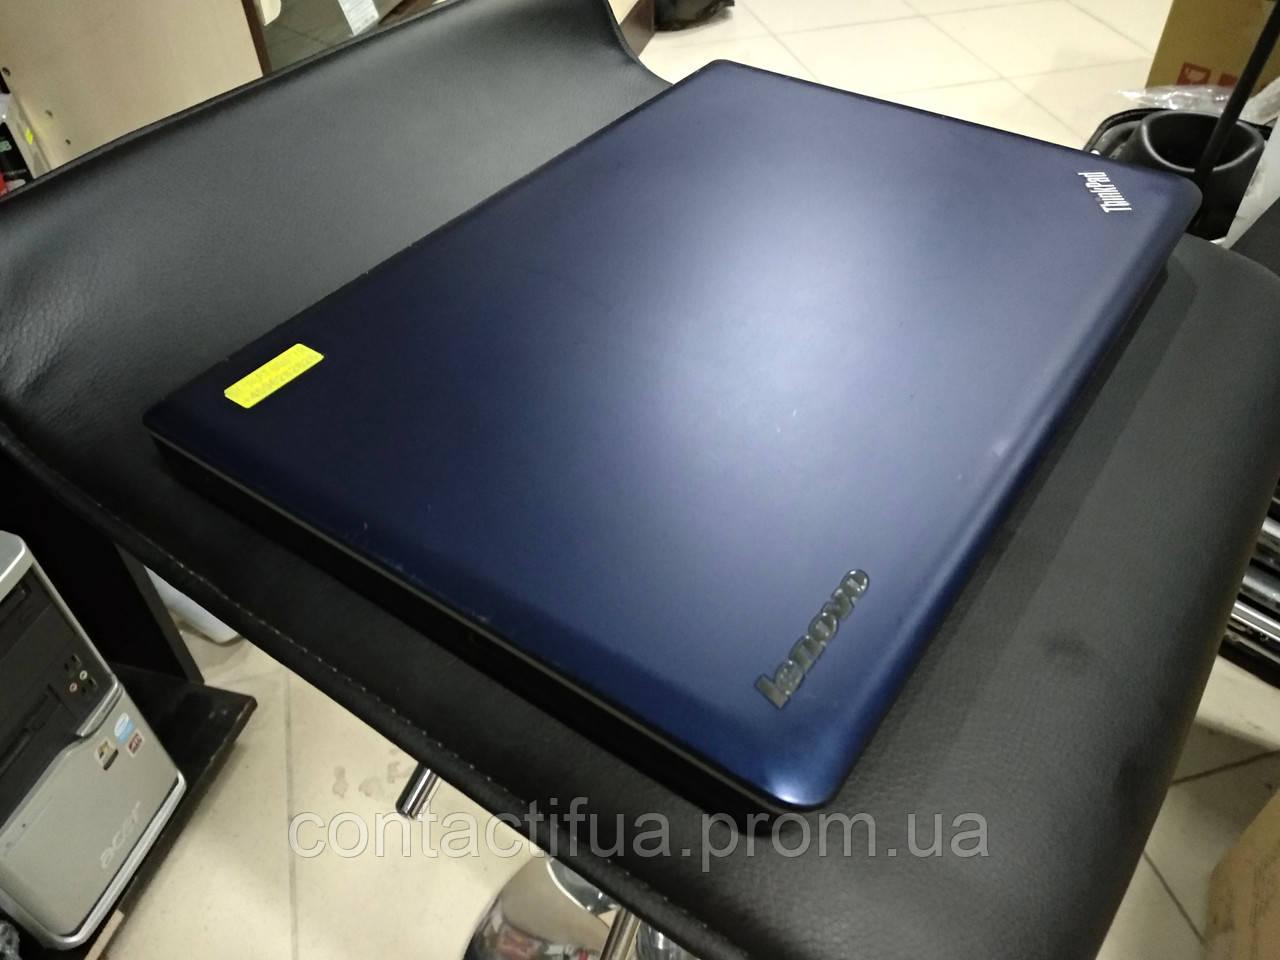 """Lenovo ThinkPad E330 13,3"""" Intel Core i3-3110M/4Gb DDR3/ HDD 320GНет в наличии 3"""